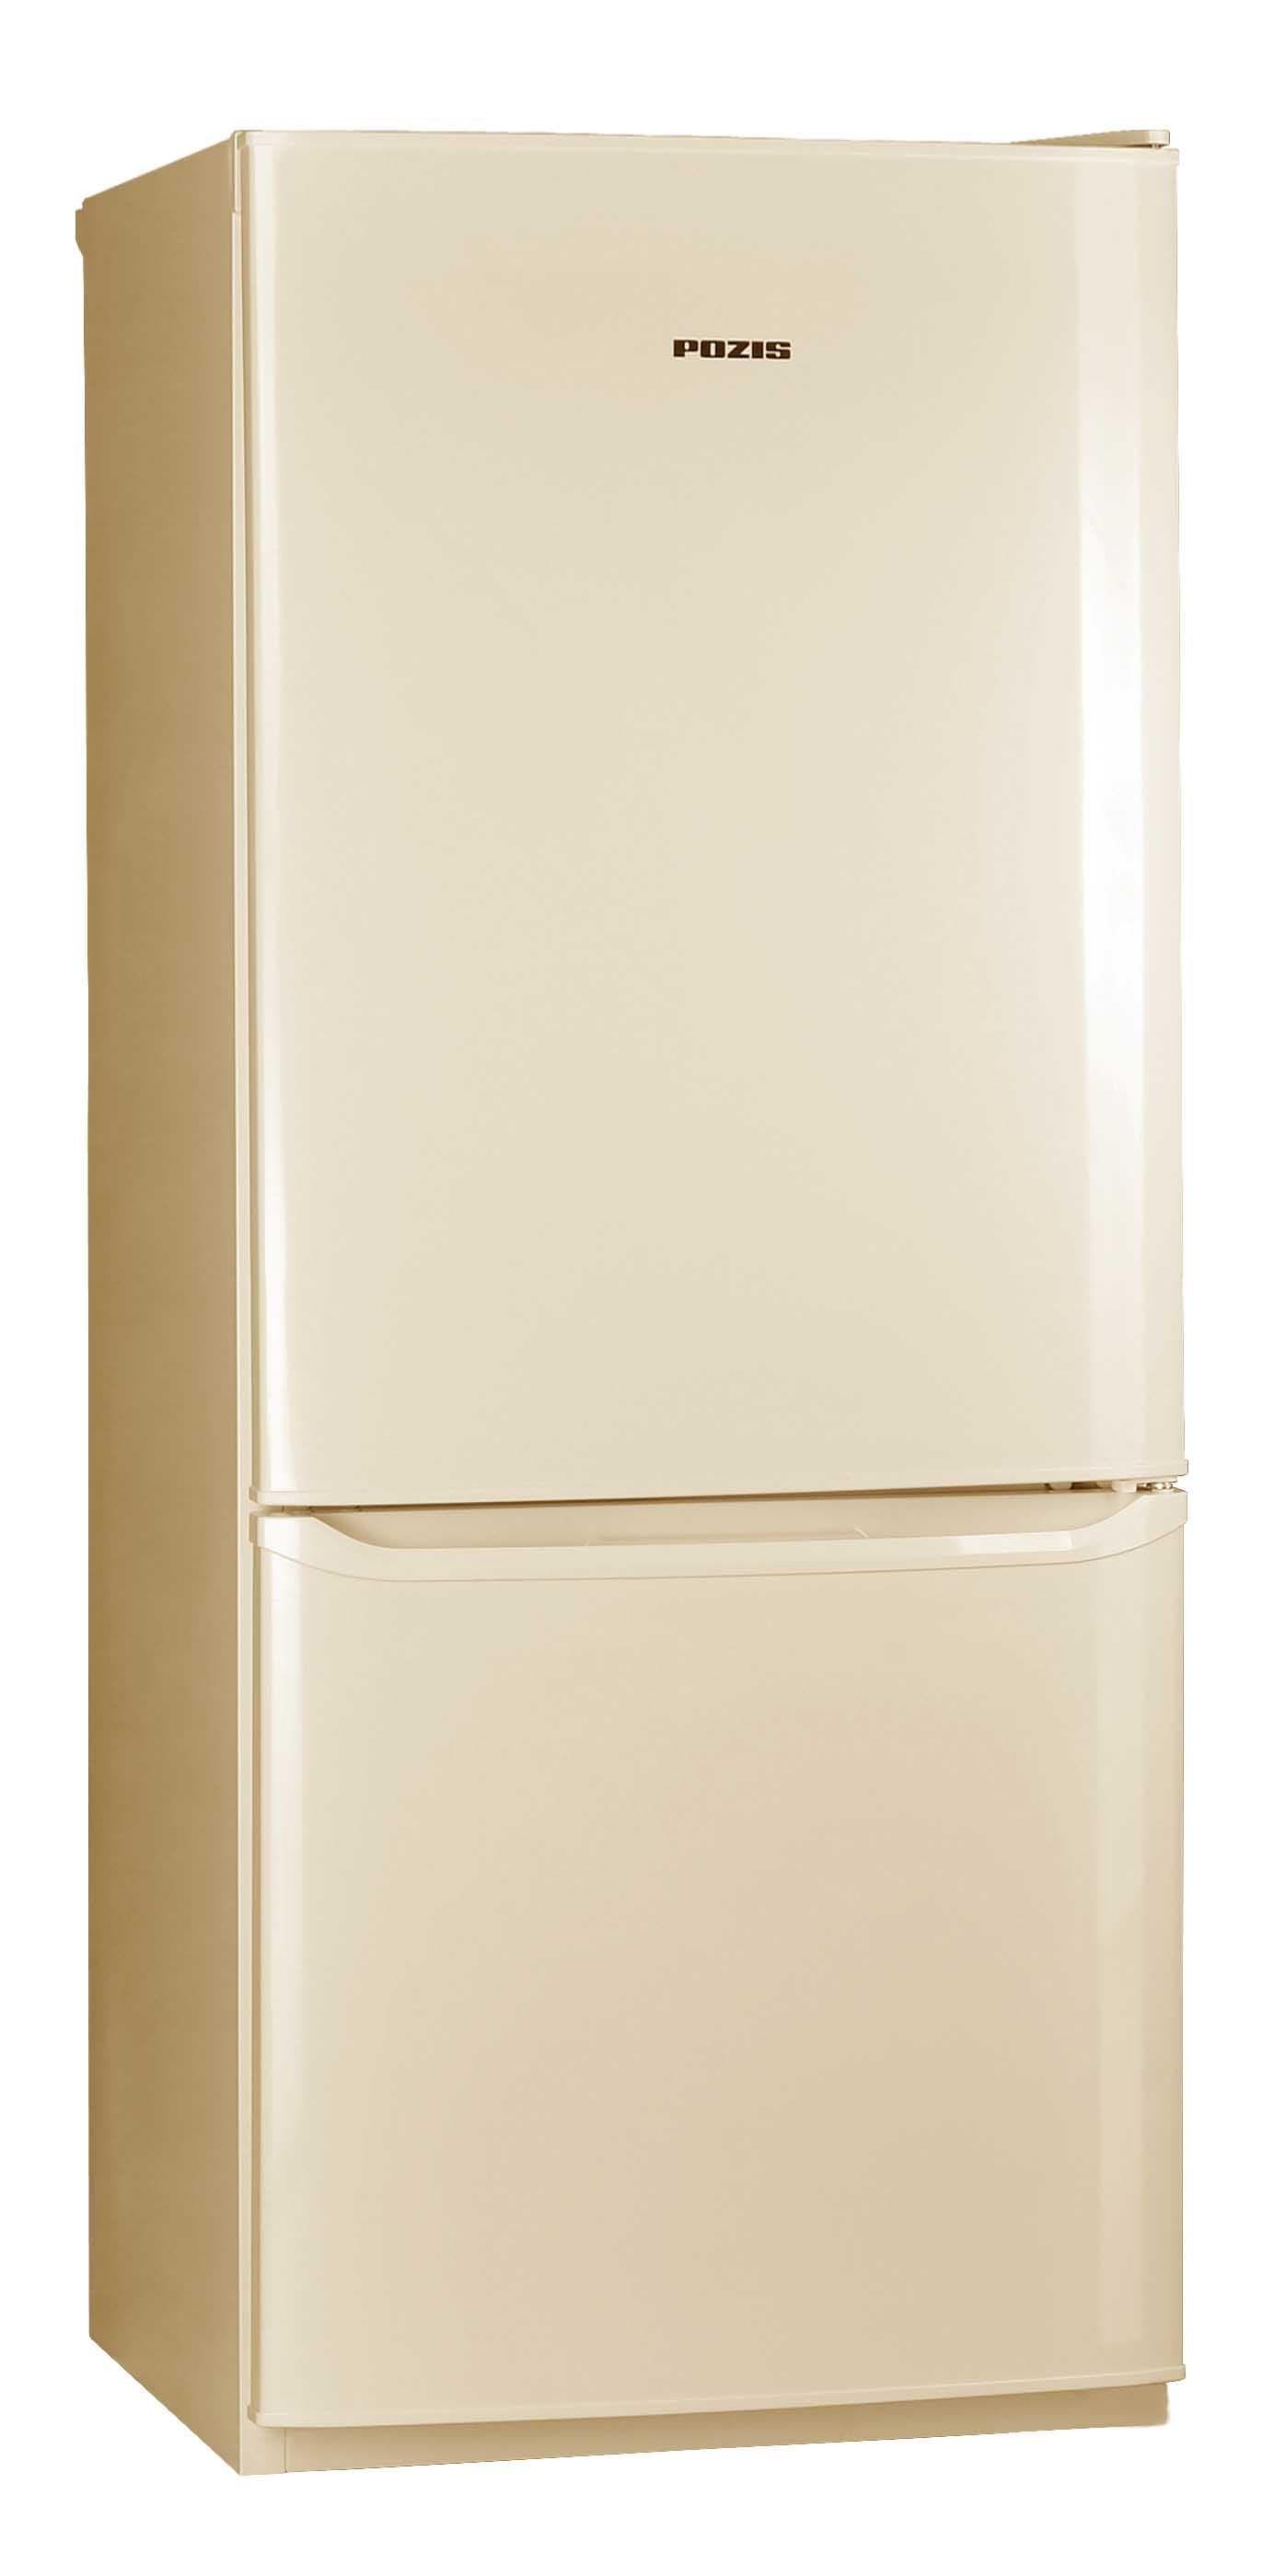 Шкаф холодильный RK-101 бежевый